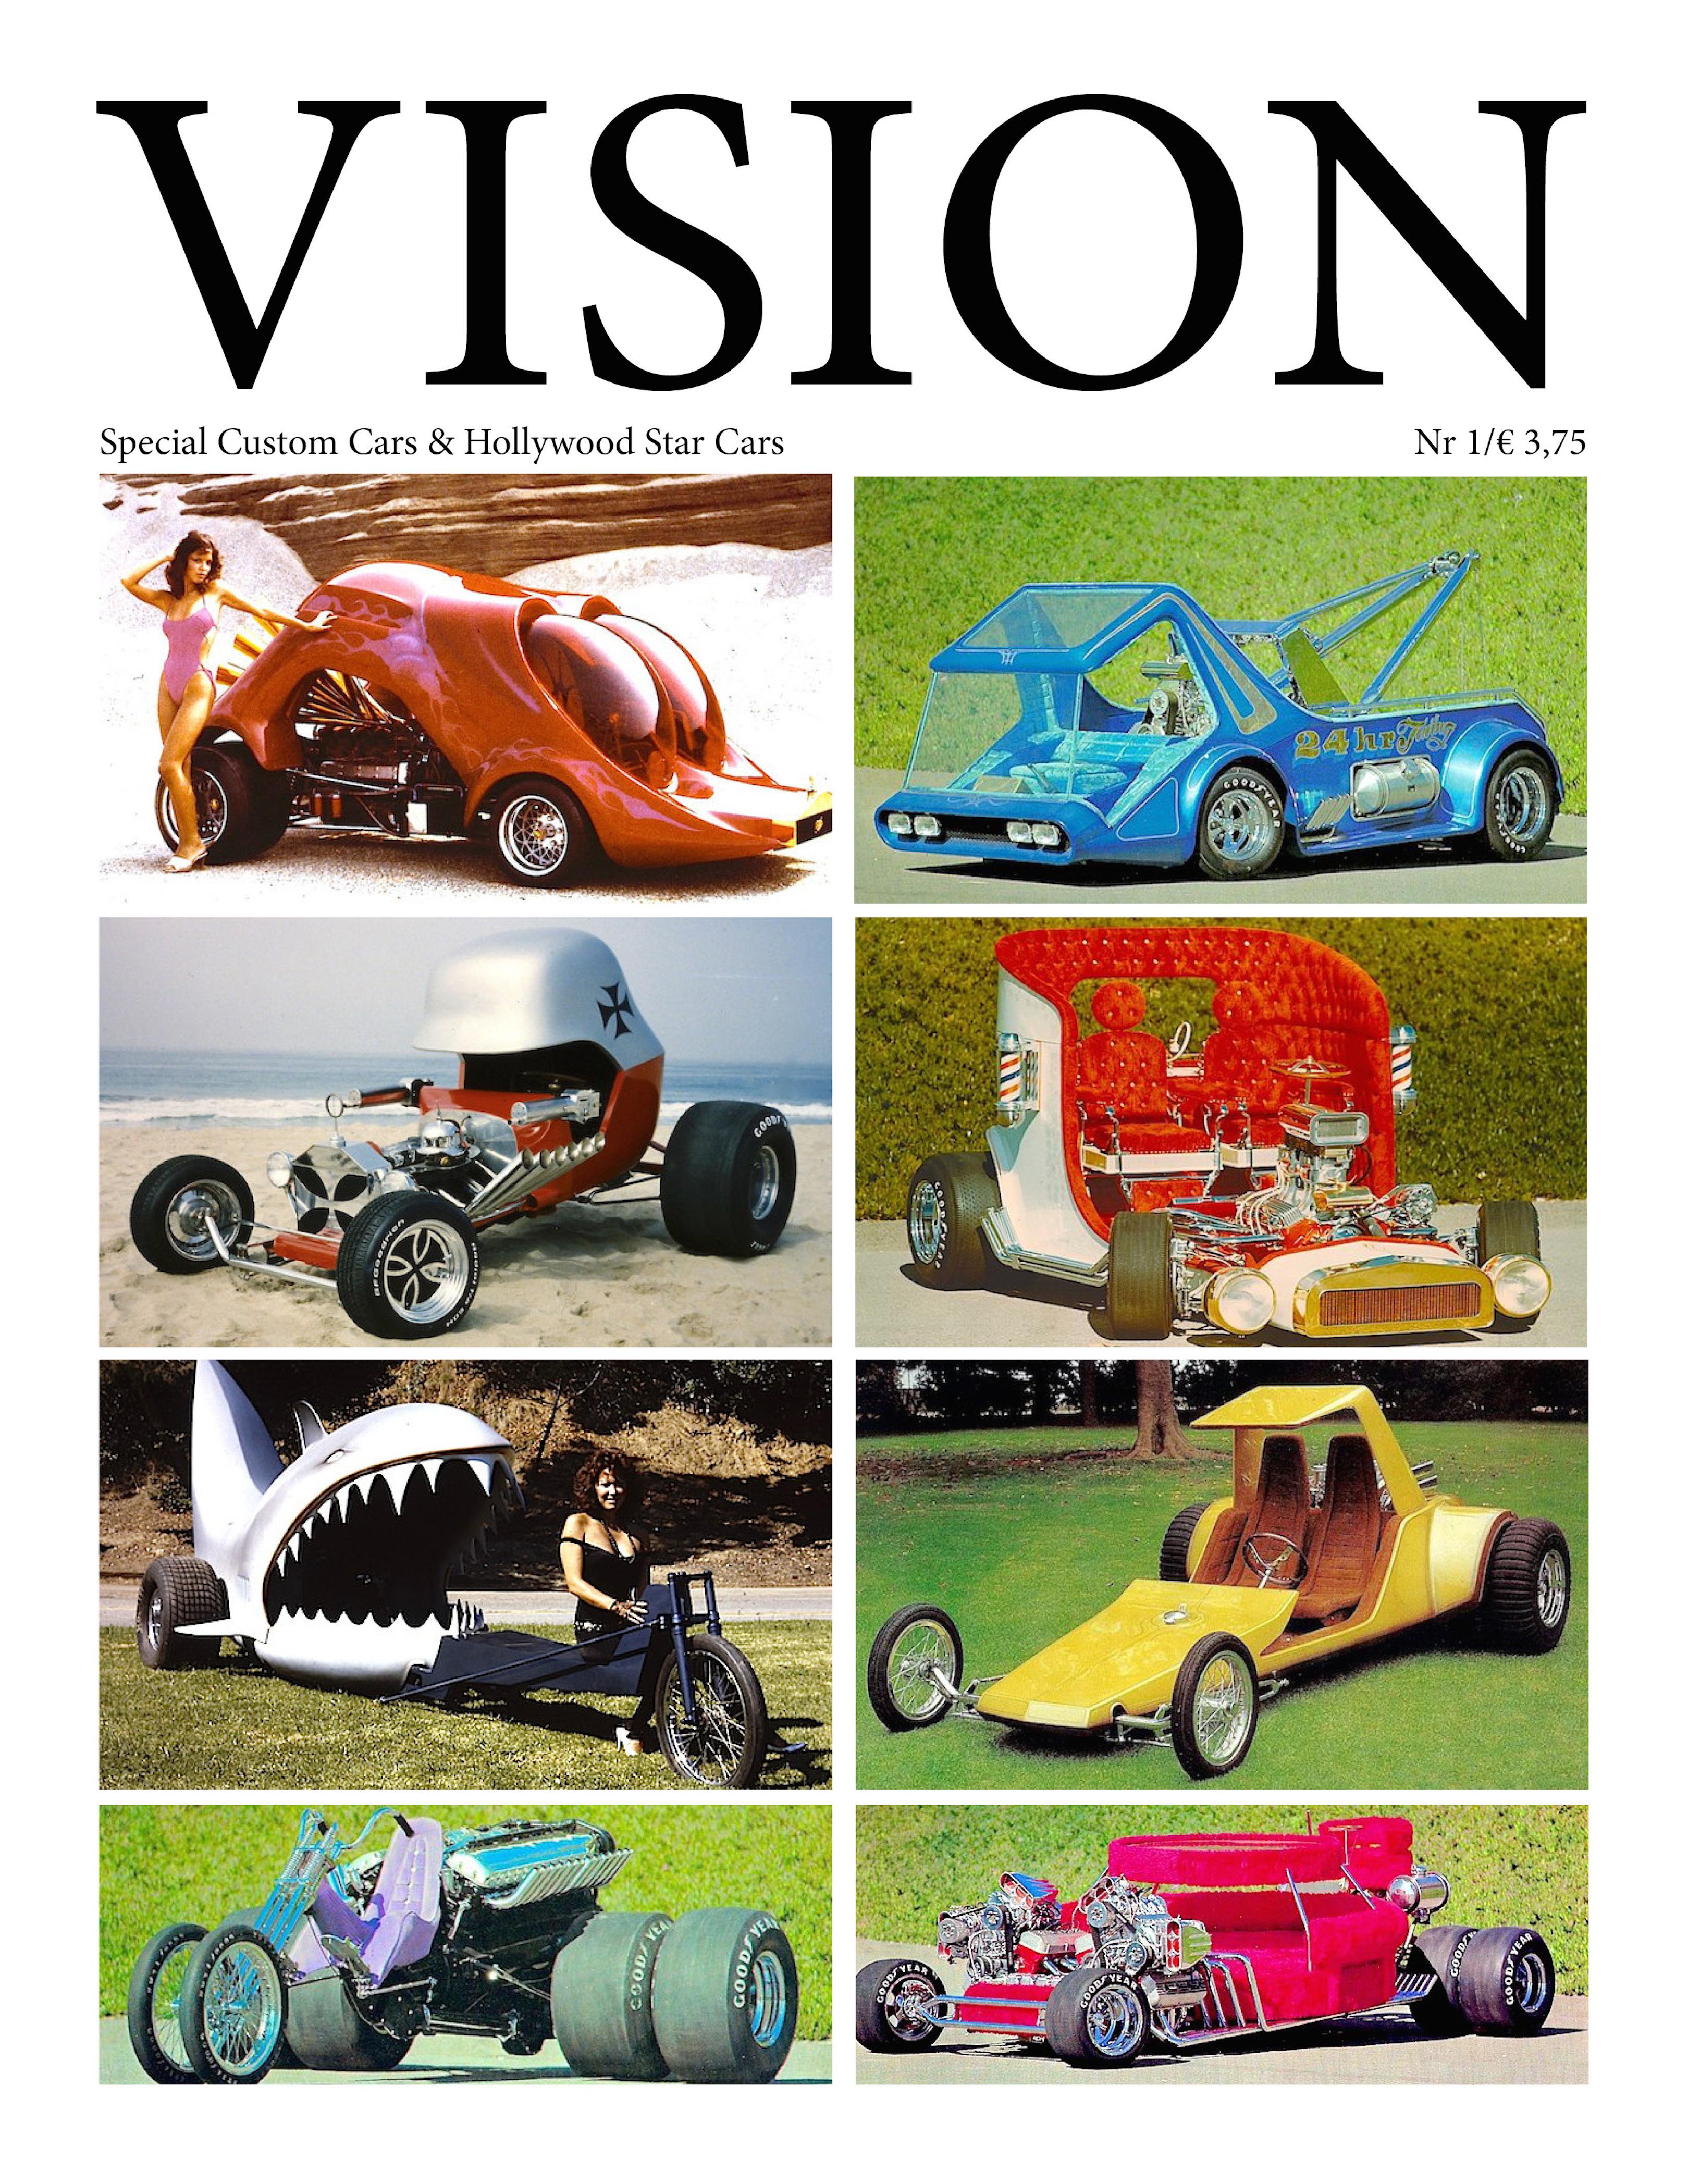 Vision Special Customs origineel